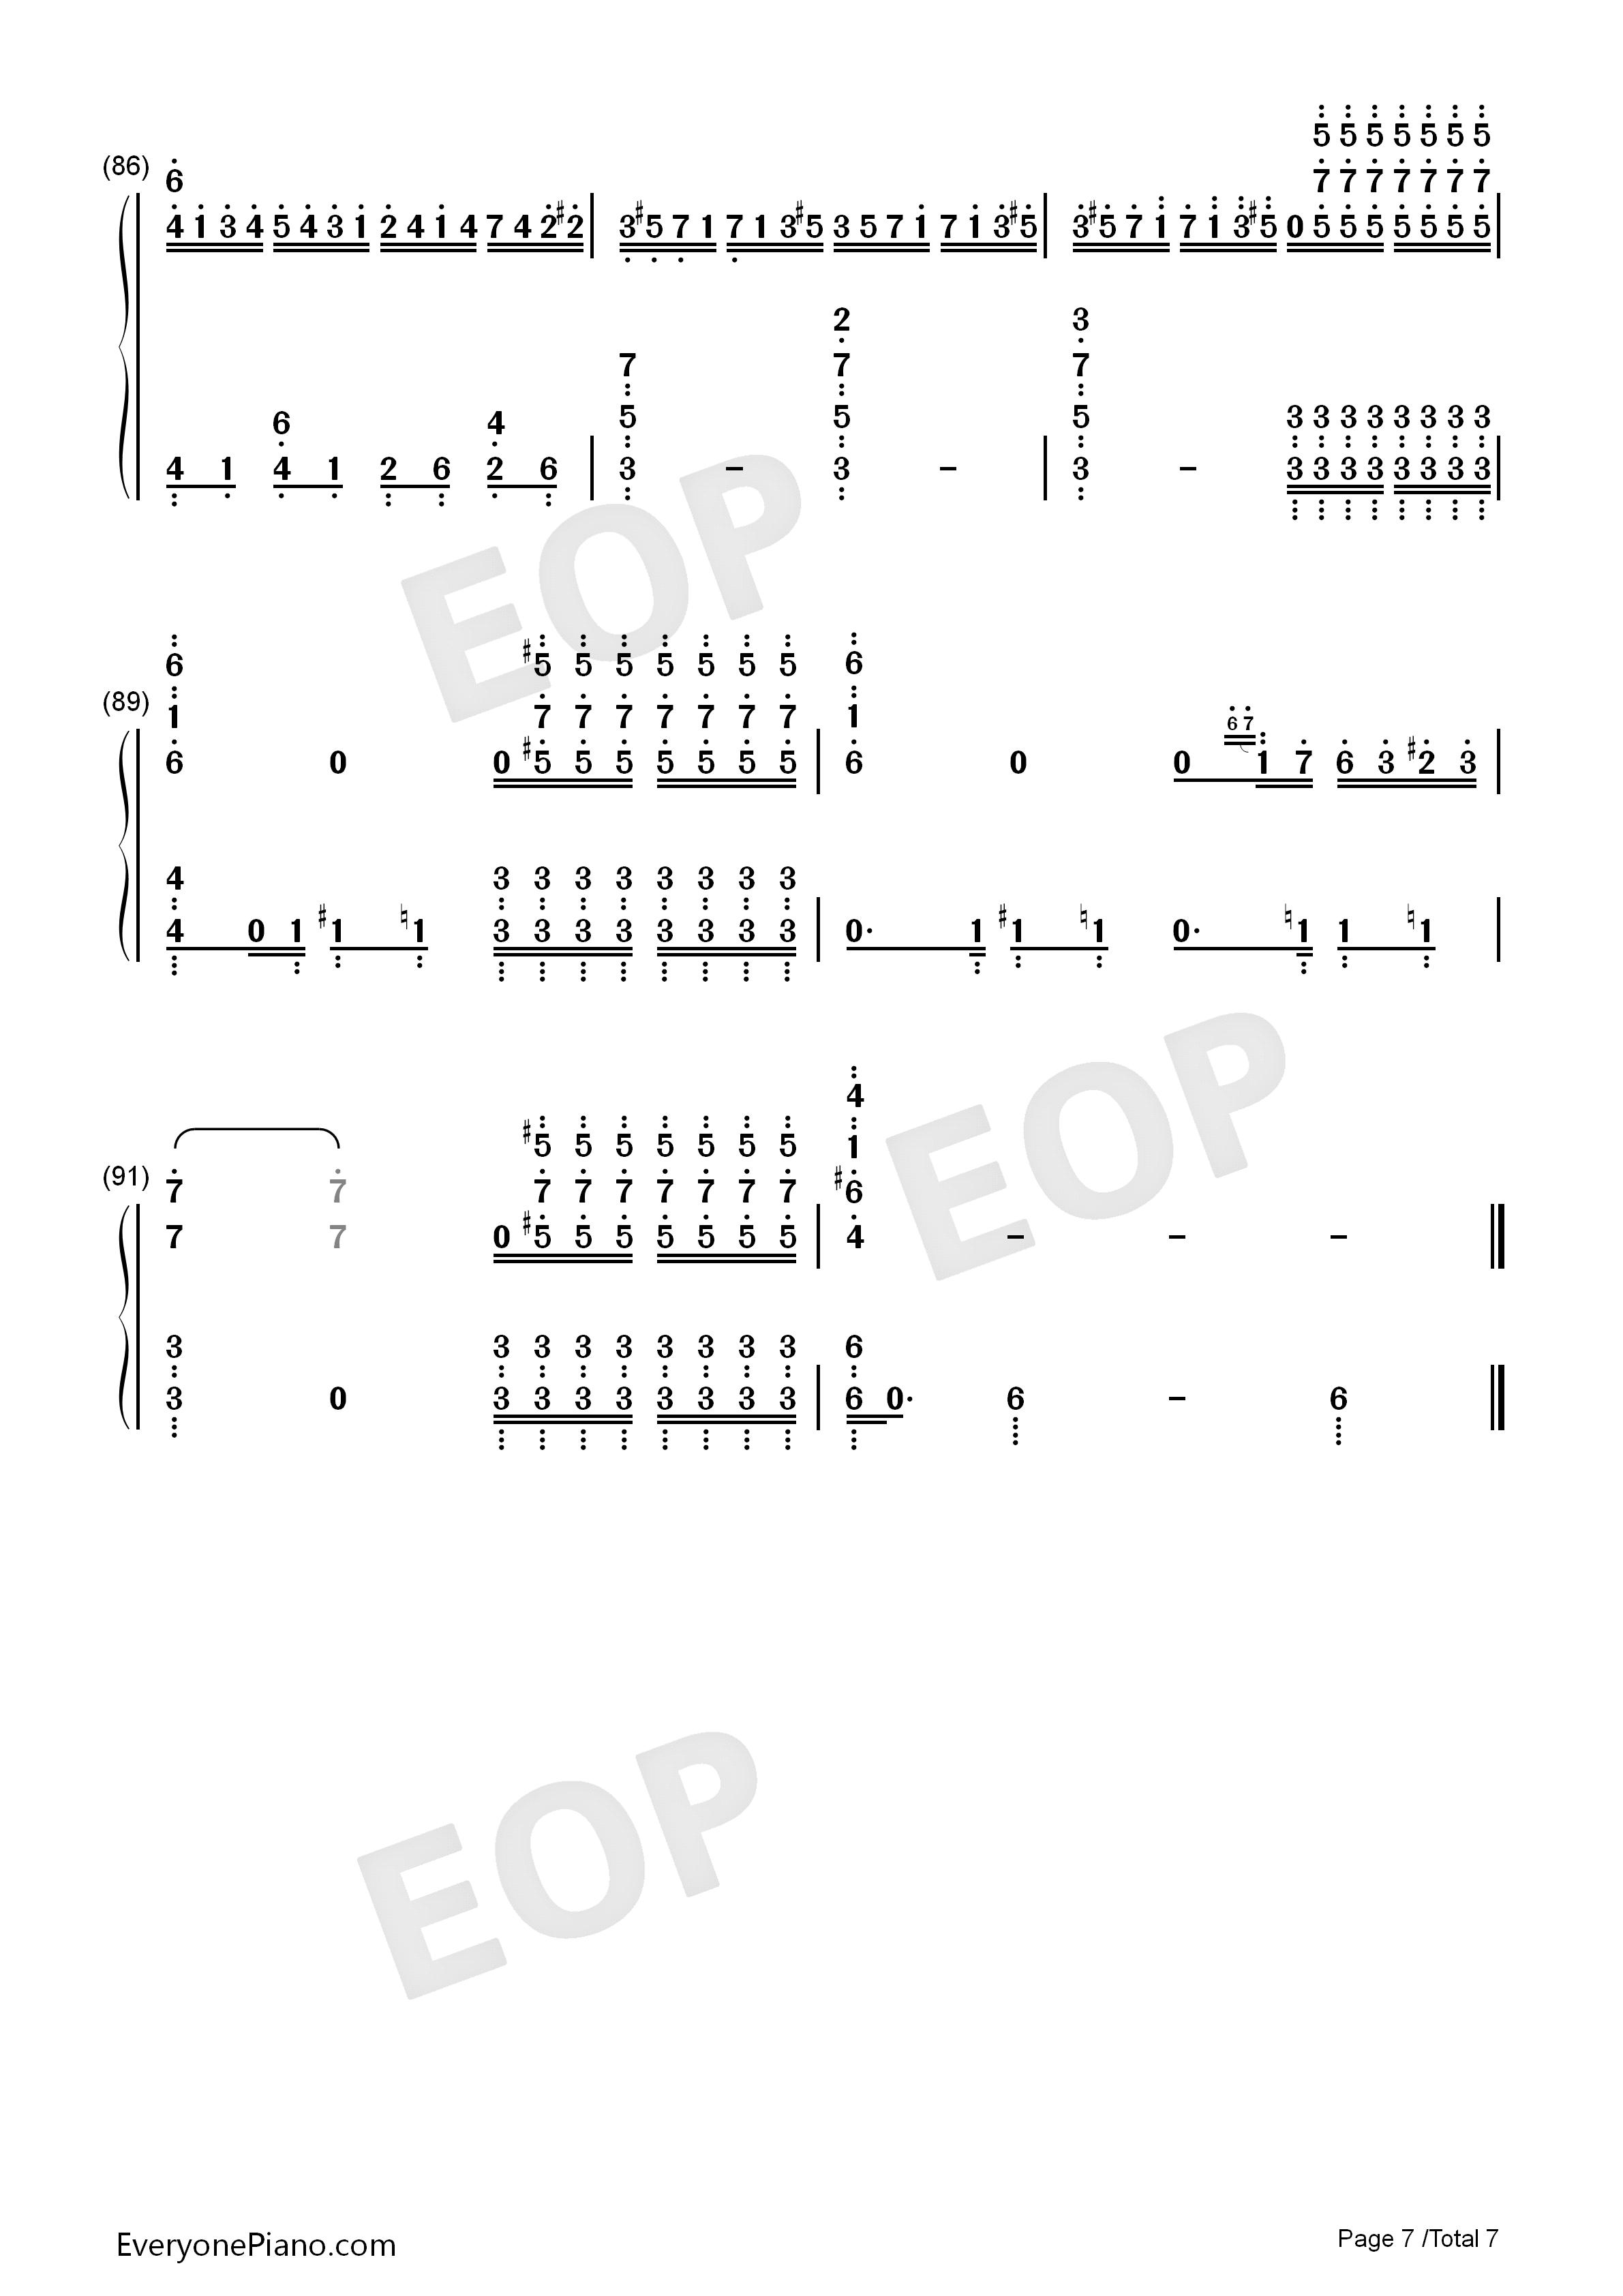 钢琴曲谱 经典 克罗地亚第二号狂想曲 克罗地亚第二号狂想曲双手简谱